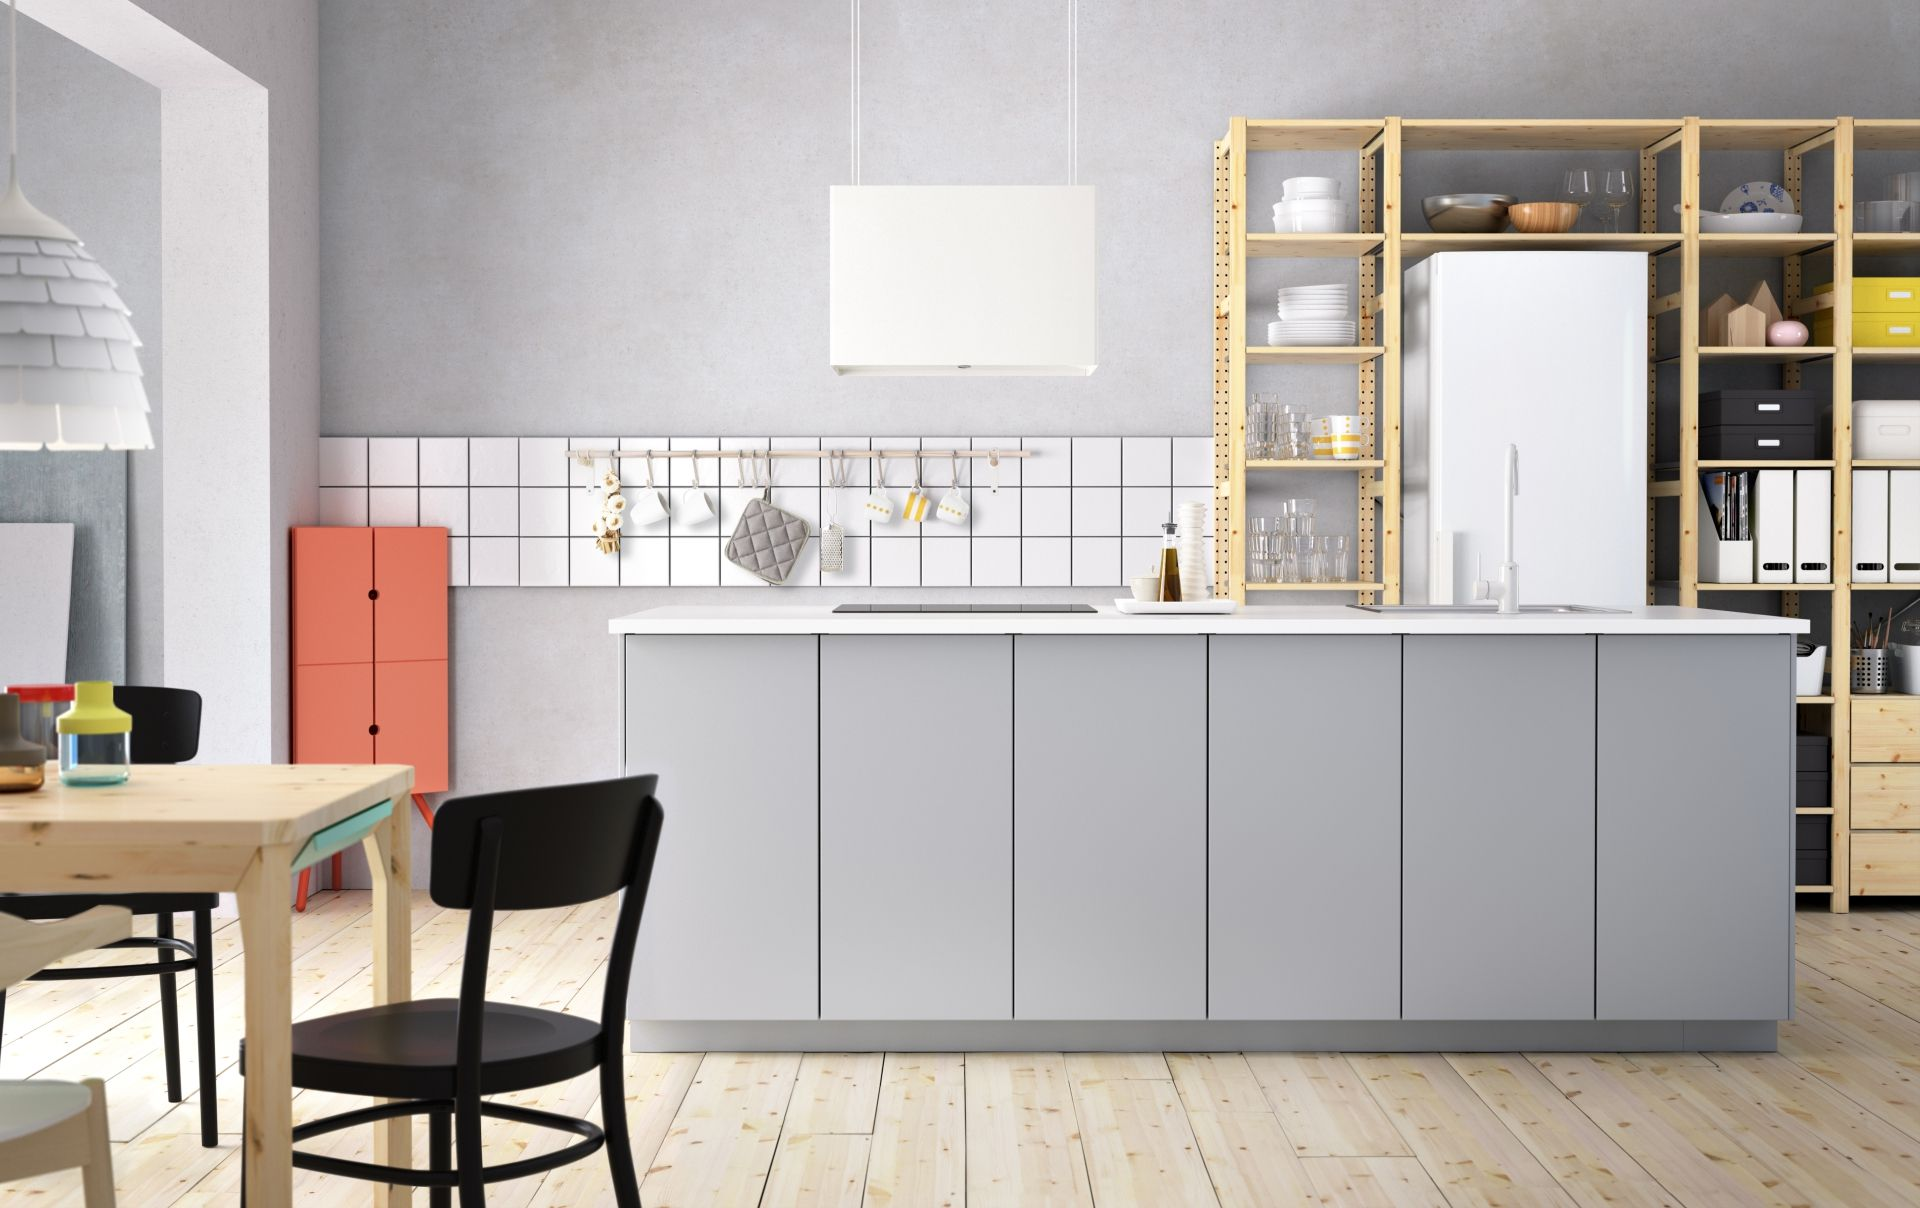 Ikea Method Keuken : Metod keuken ikea ikeanl grijs modern stellingkast